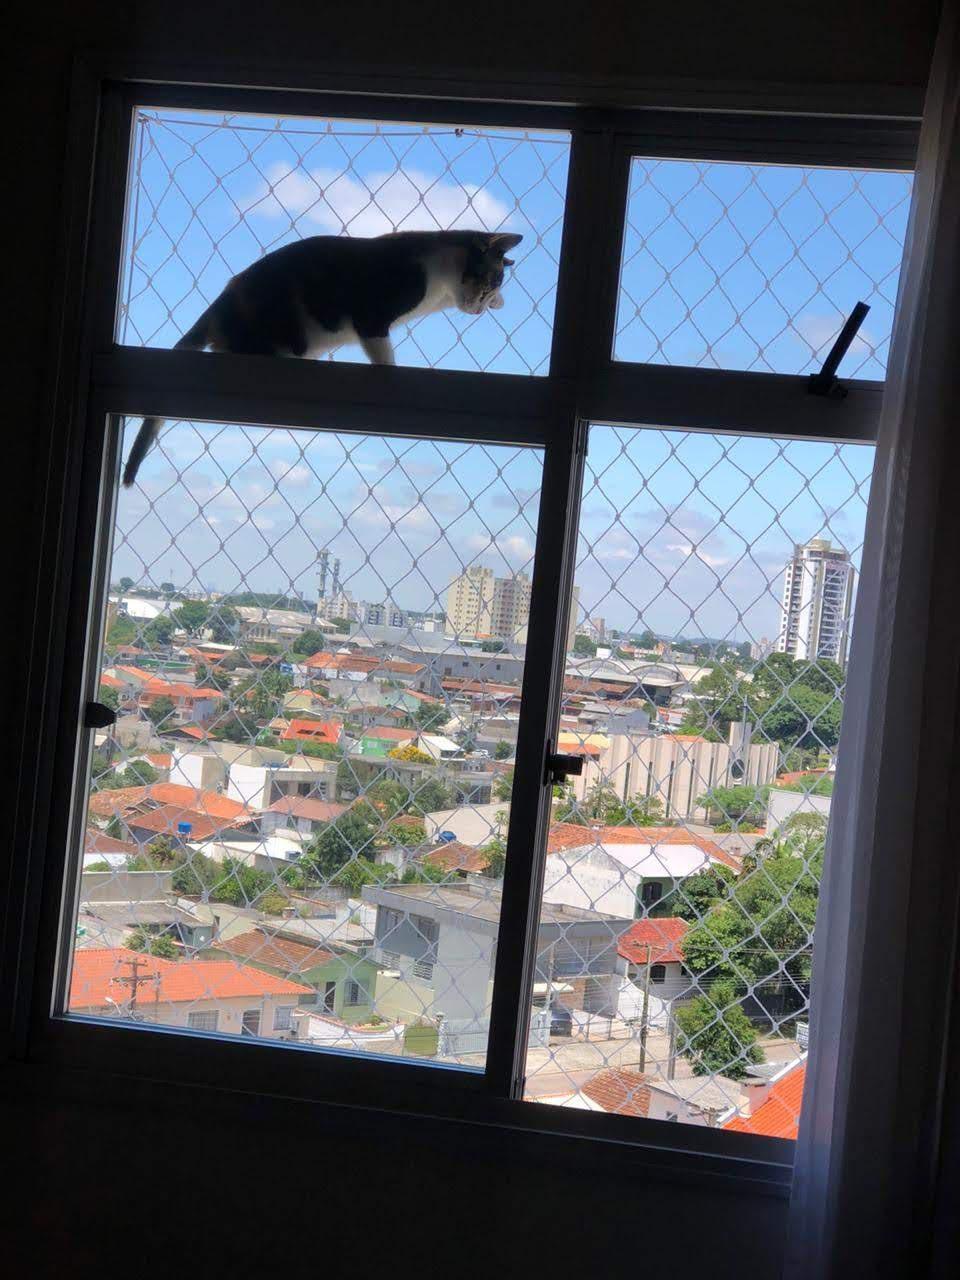 Redes de proteção para Gatos em Guabirotuba